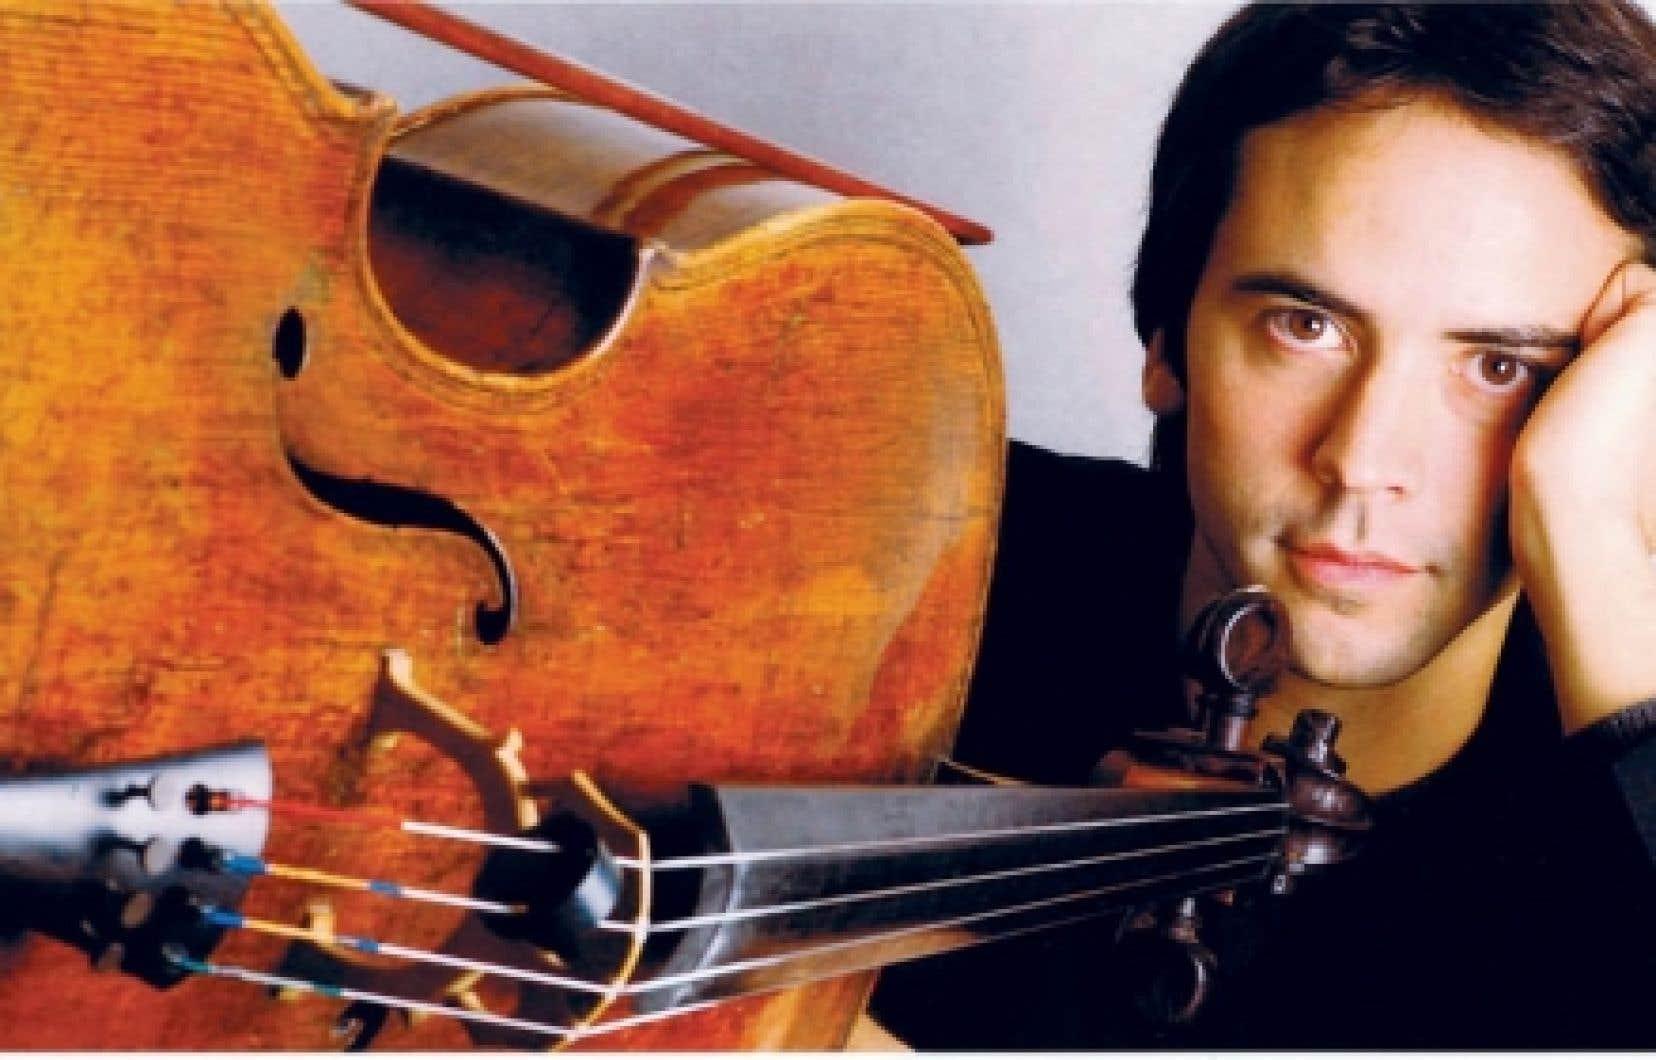 Le violoncelliste Jean-Guihen Queyras est né à Montréal en 1967.<br />